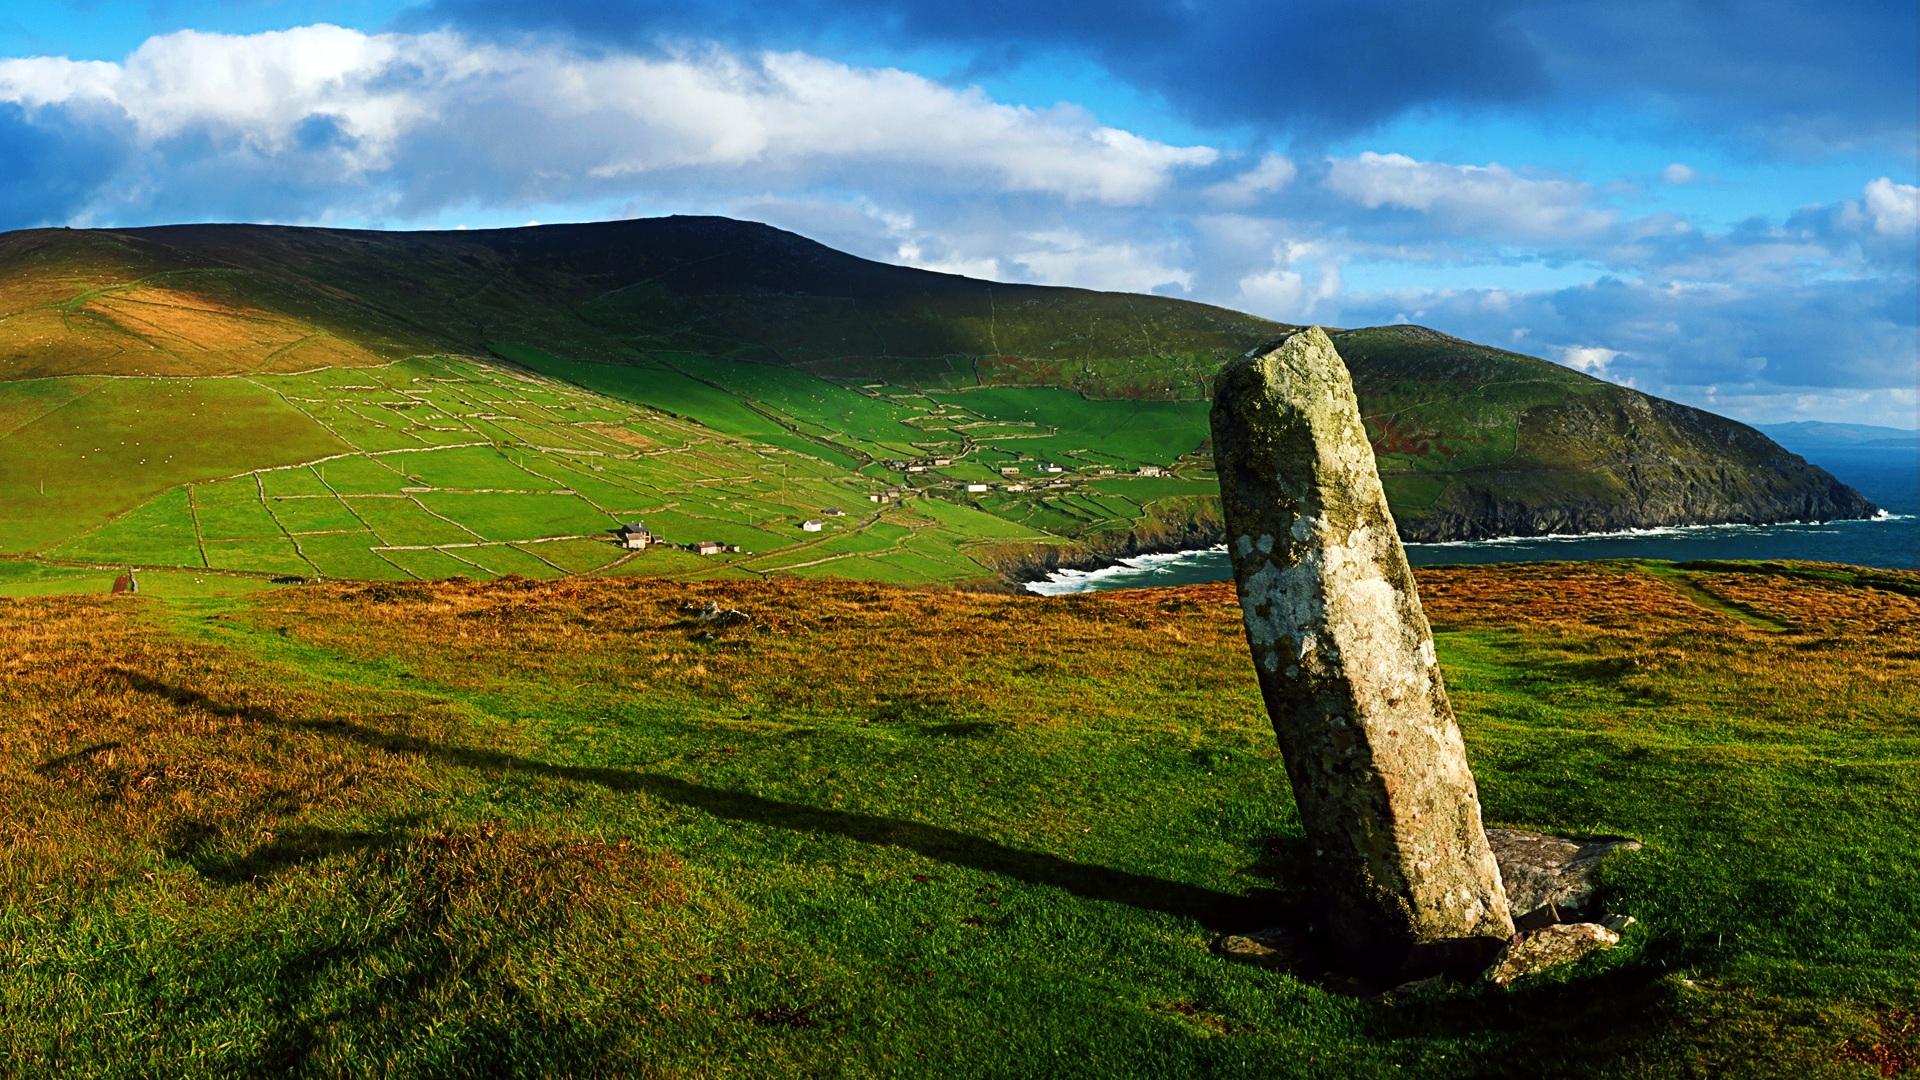 Rossacroo-na-loo Wood, Near Kilgarvan, County Kerry, Ireland  № 12778 загрузить